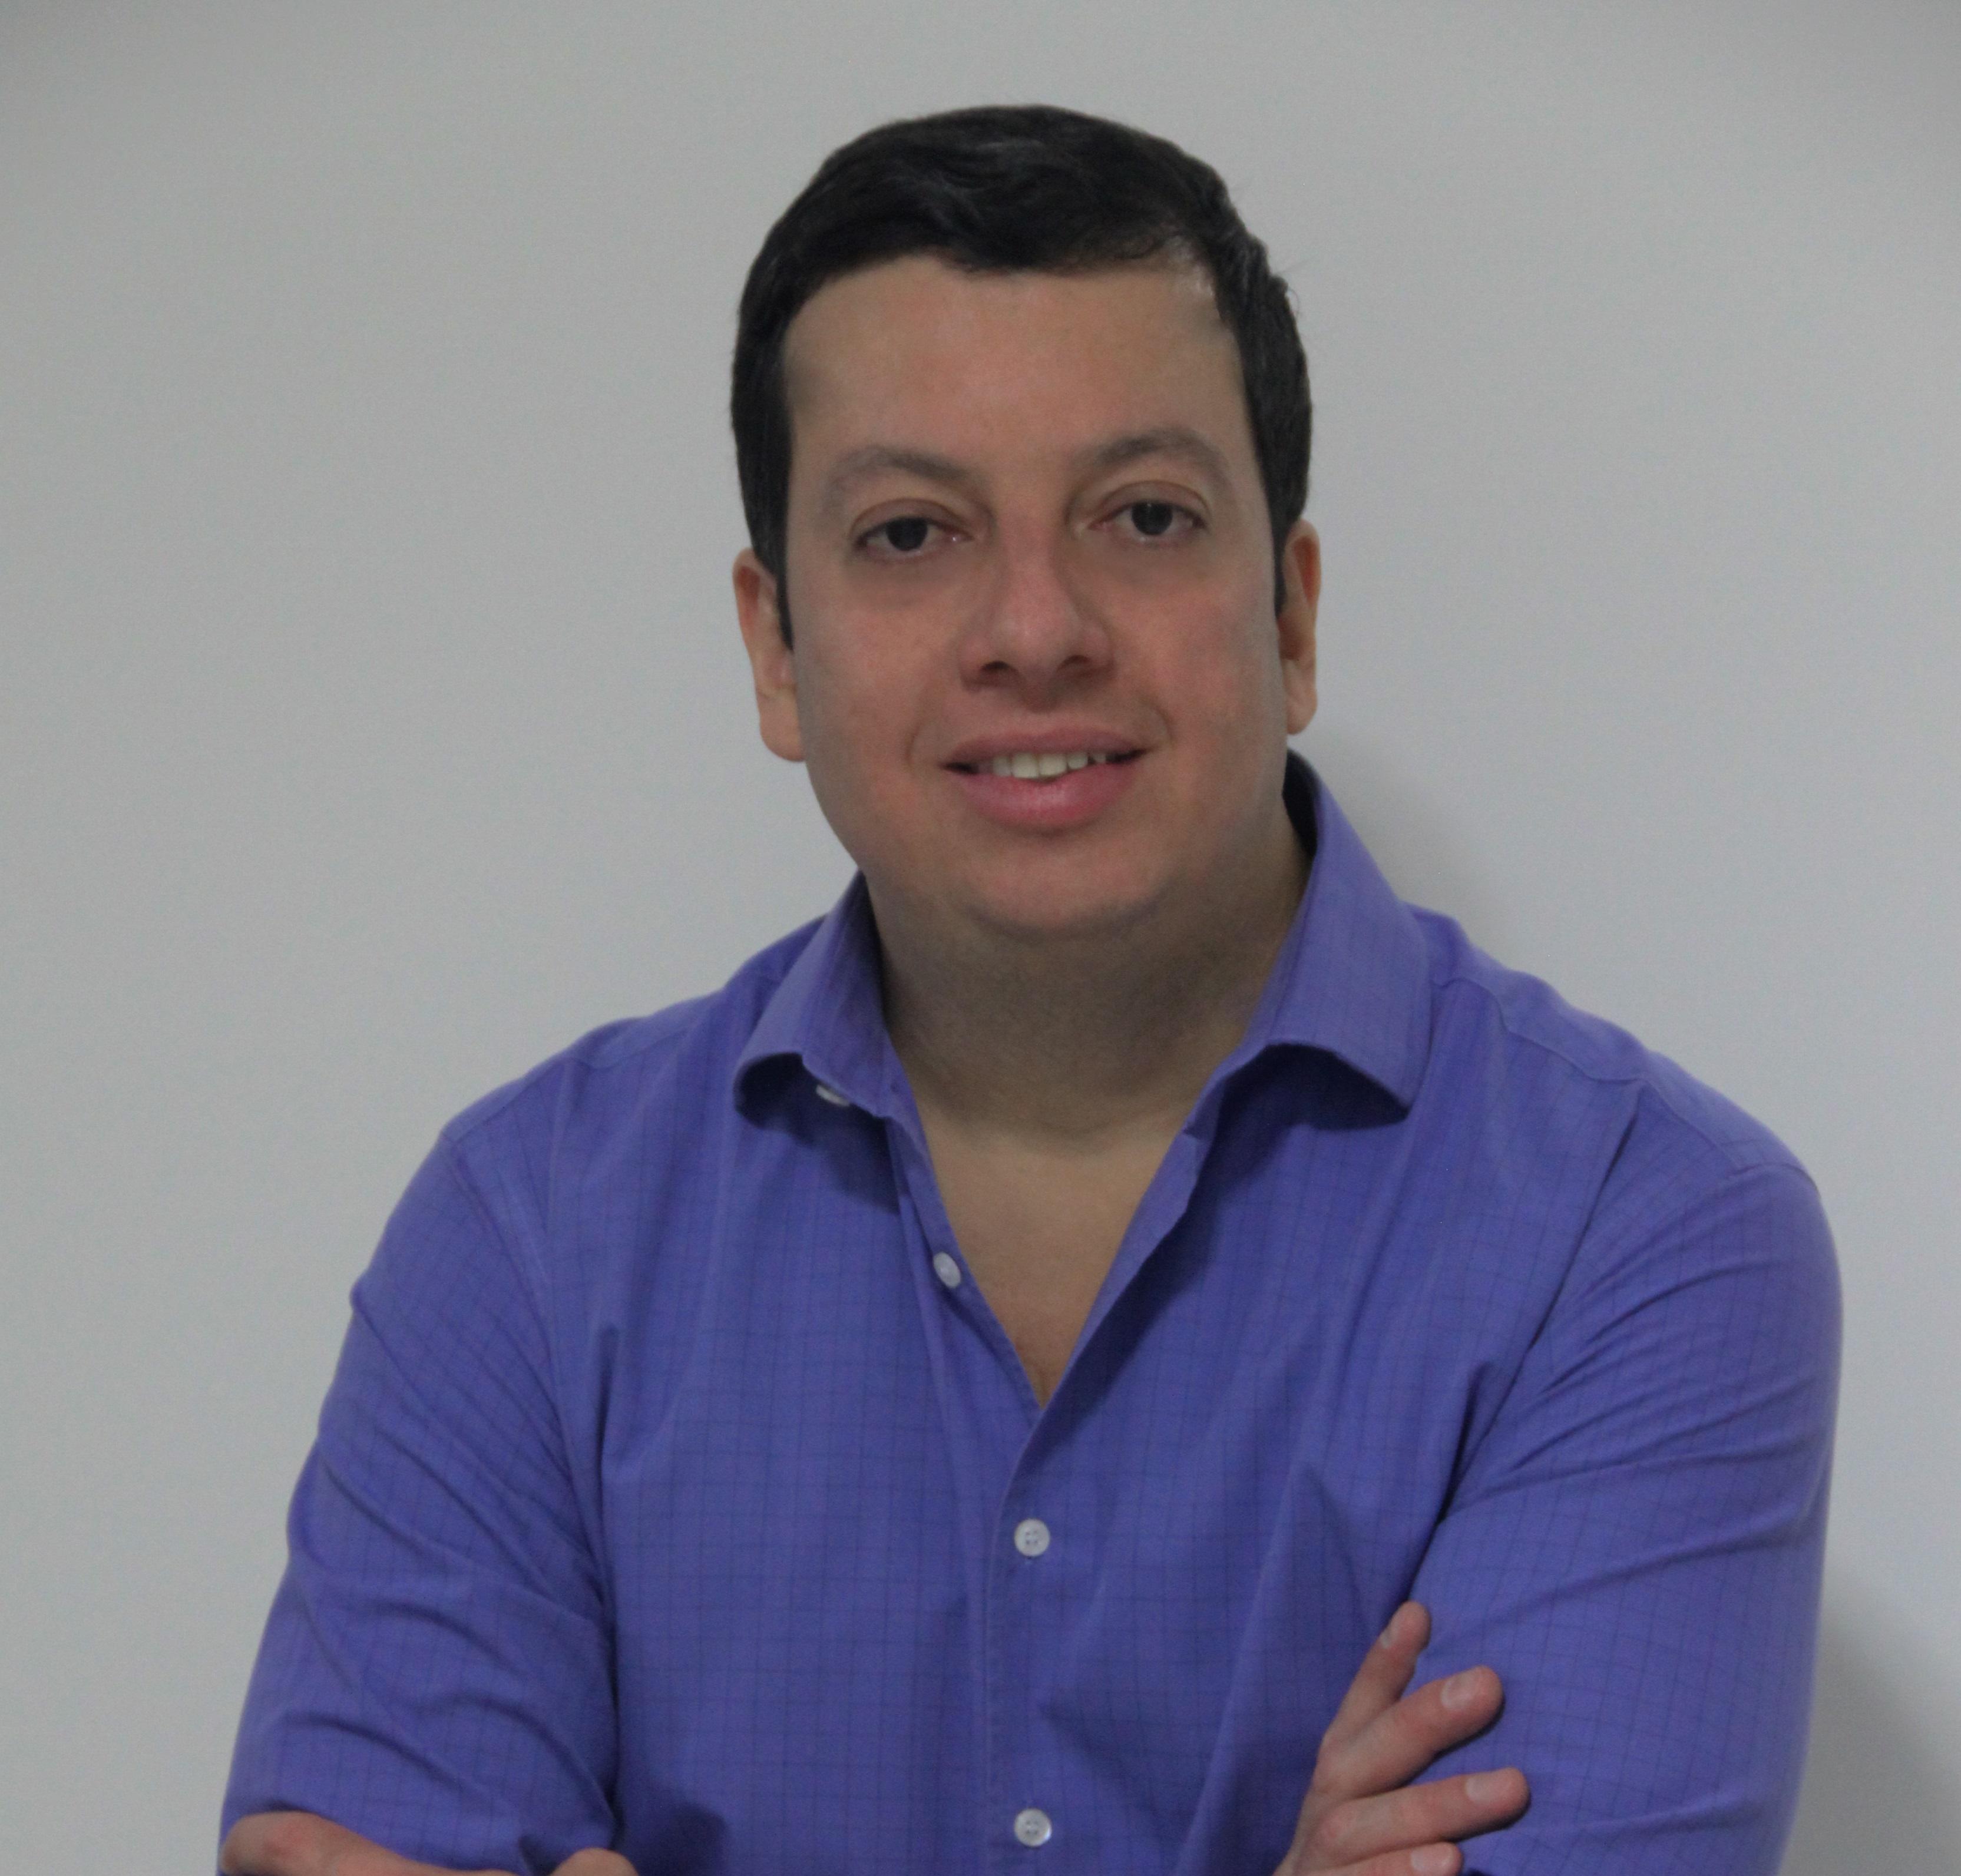 Evandro Correia Silva